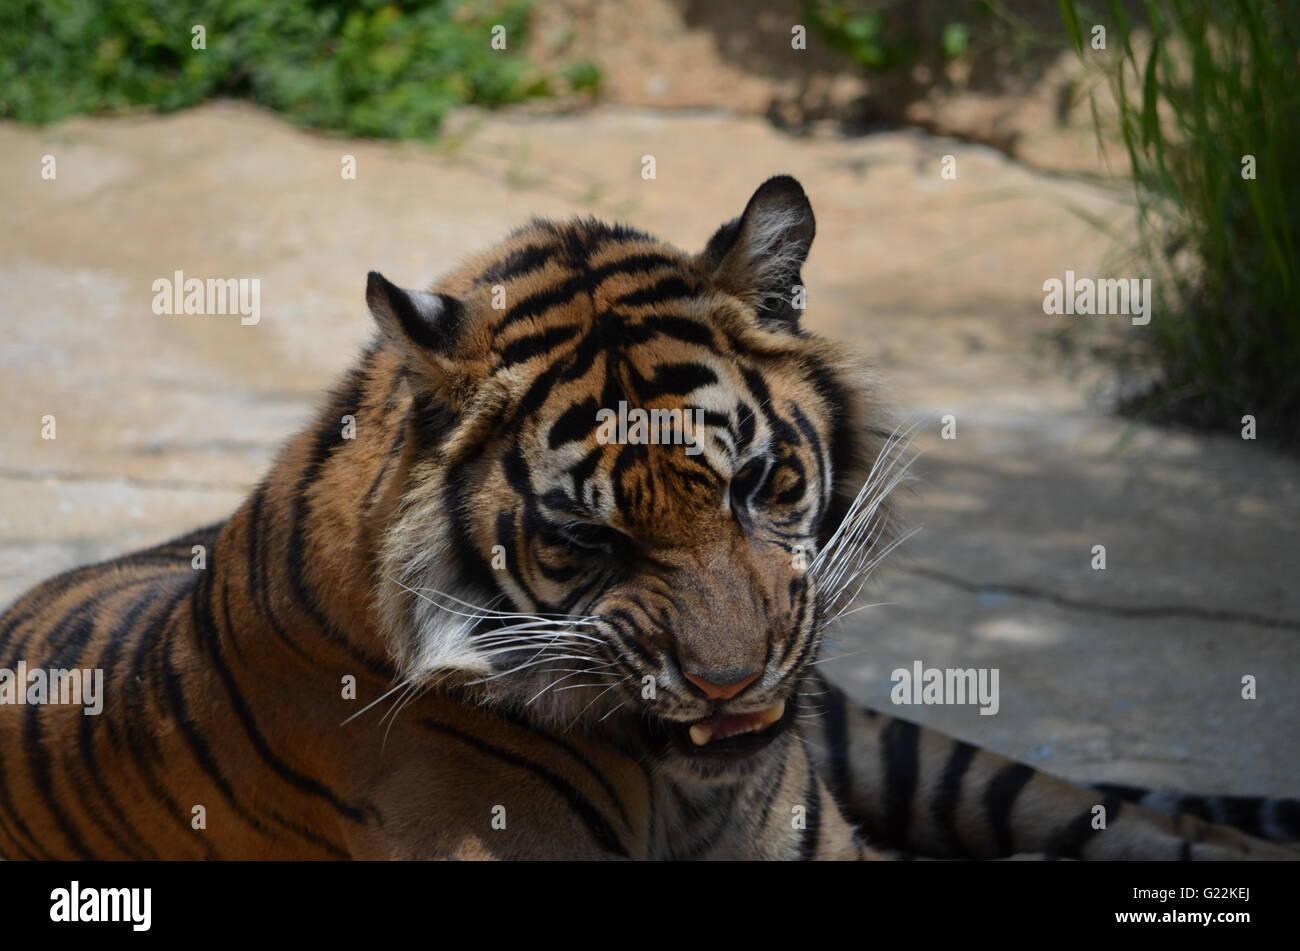 Sumatran Tiger Growling San Antonio Zoo San Antonio Texas USA - Stock Image